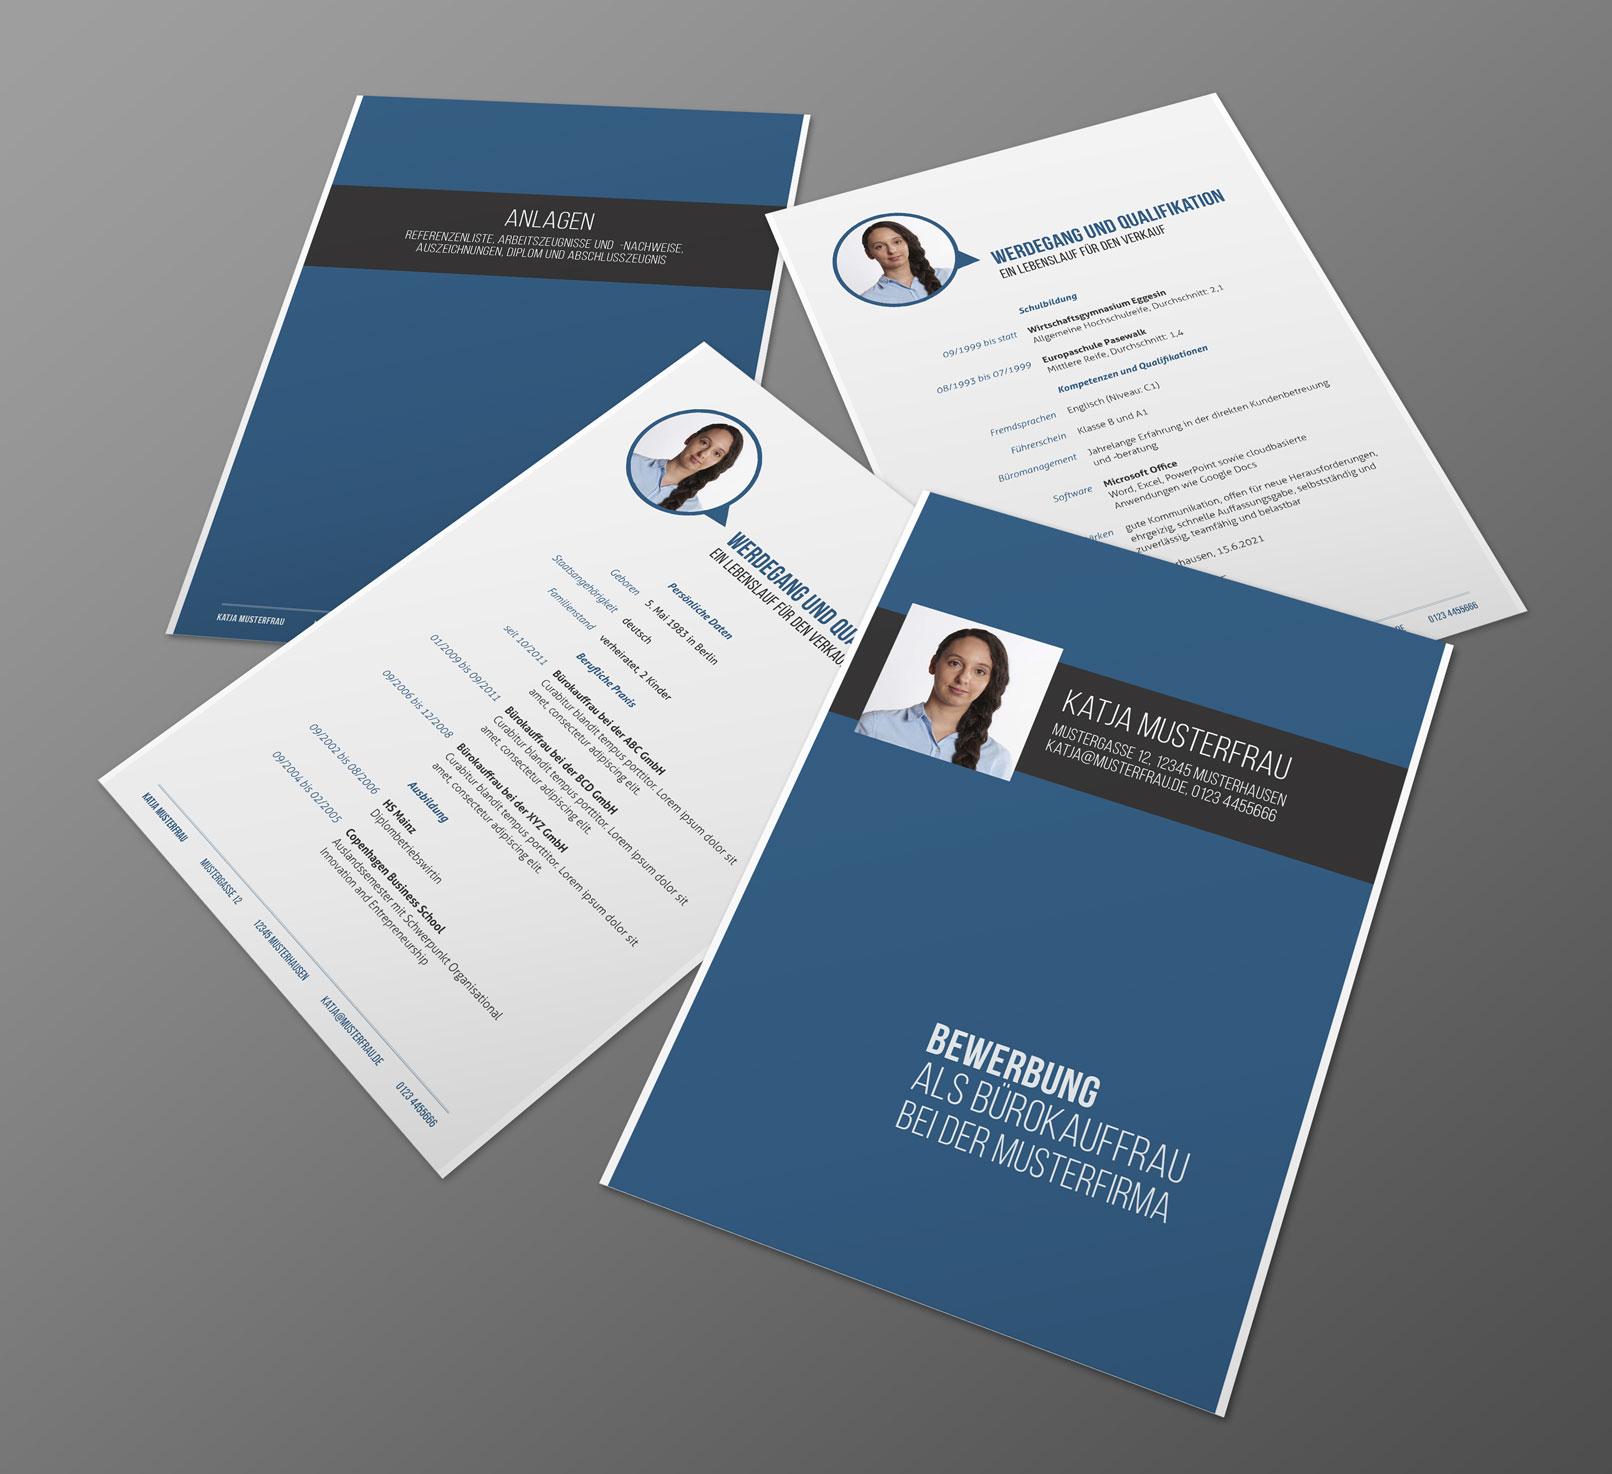 Design-Muster zur Bewerbung als Bürokauffrau, Bürokaufmann, Deckblatt, Lebenslauf, Anlagen, Anschreiben